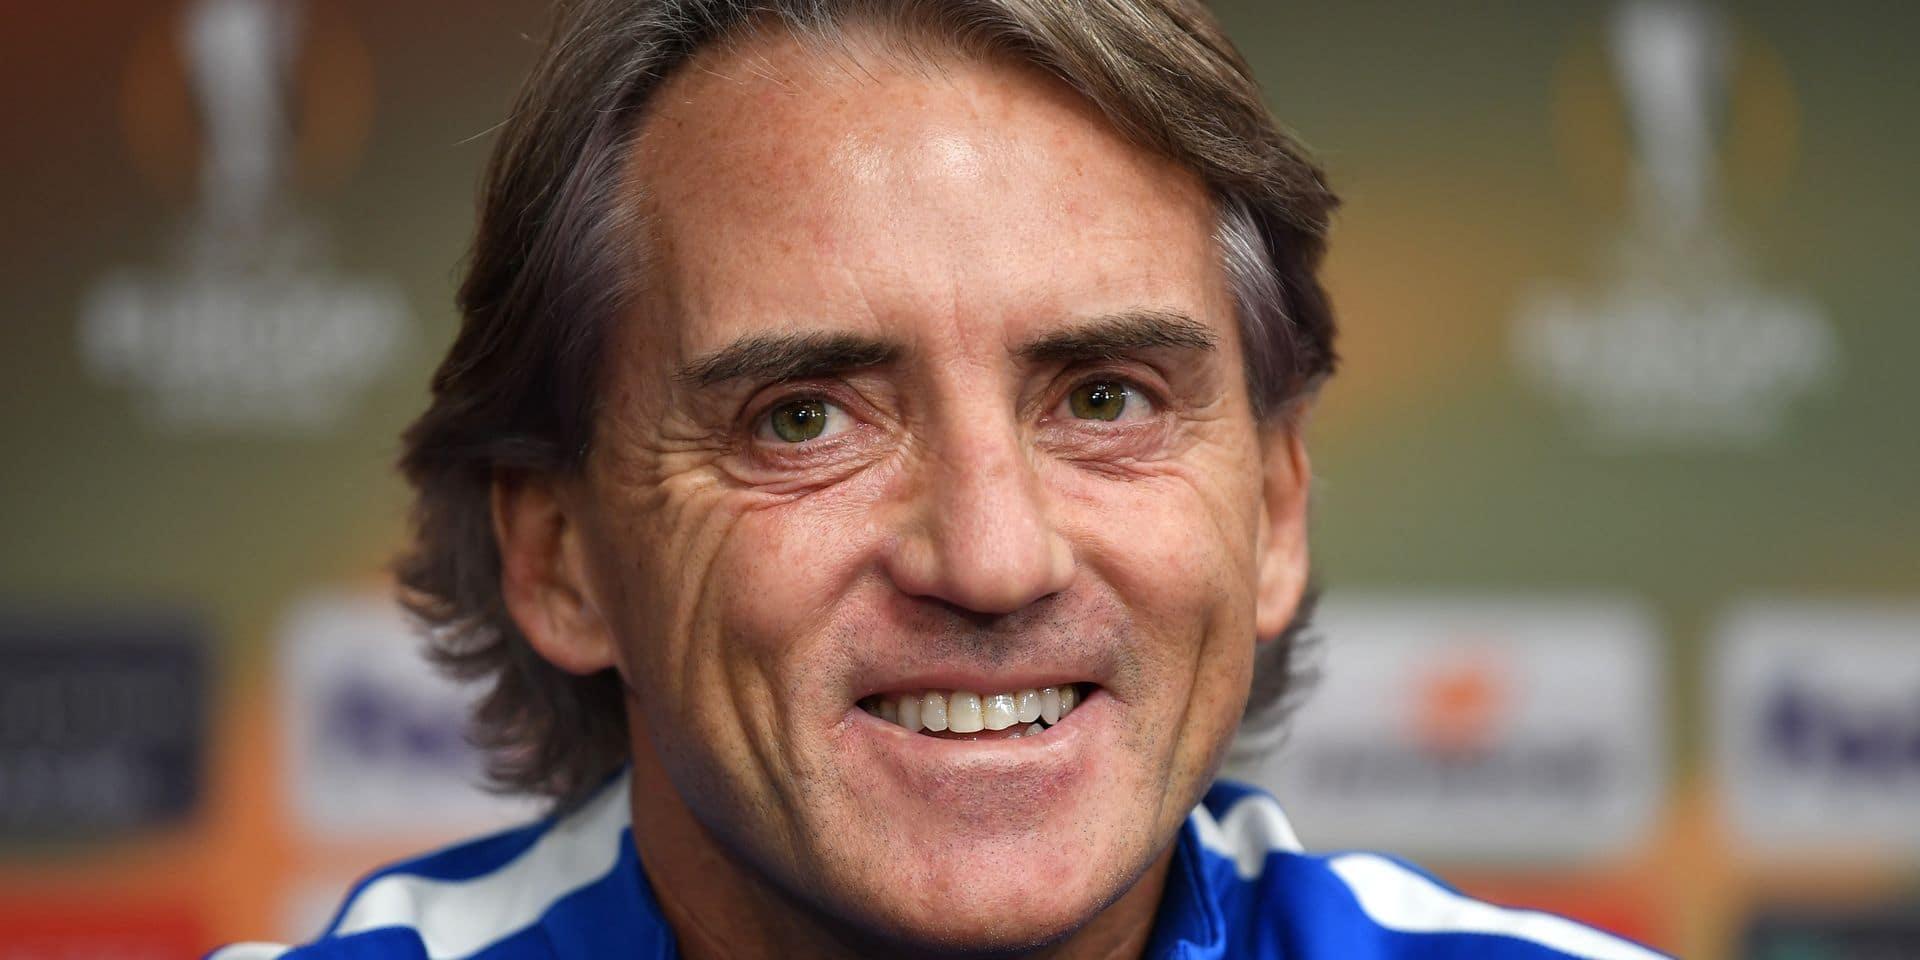 Roberto Mancini est le nouveau sélectionneur de l'Italie